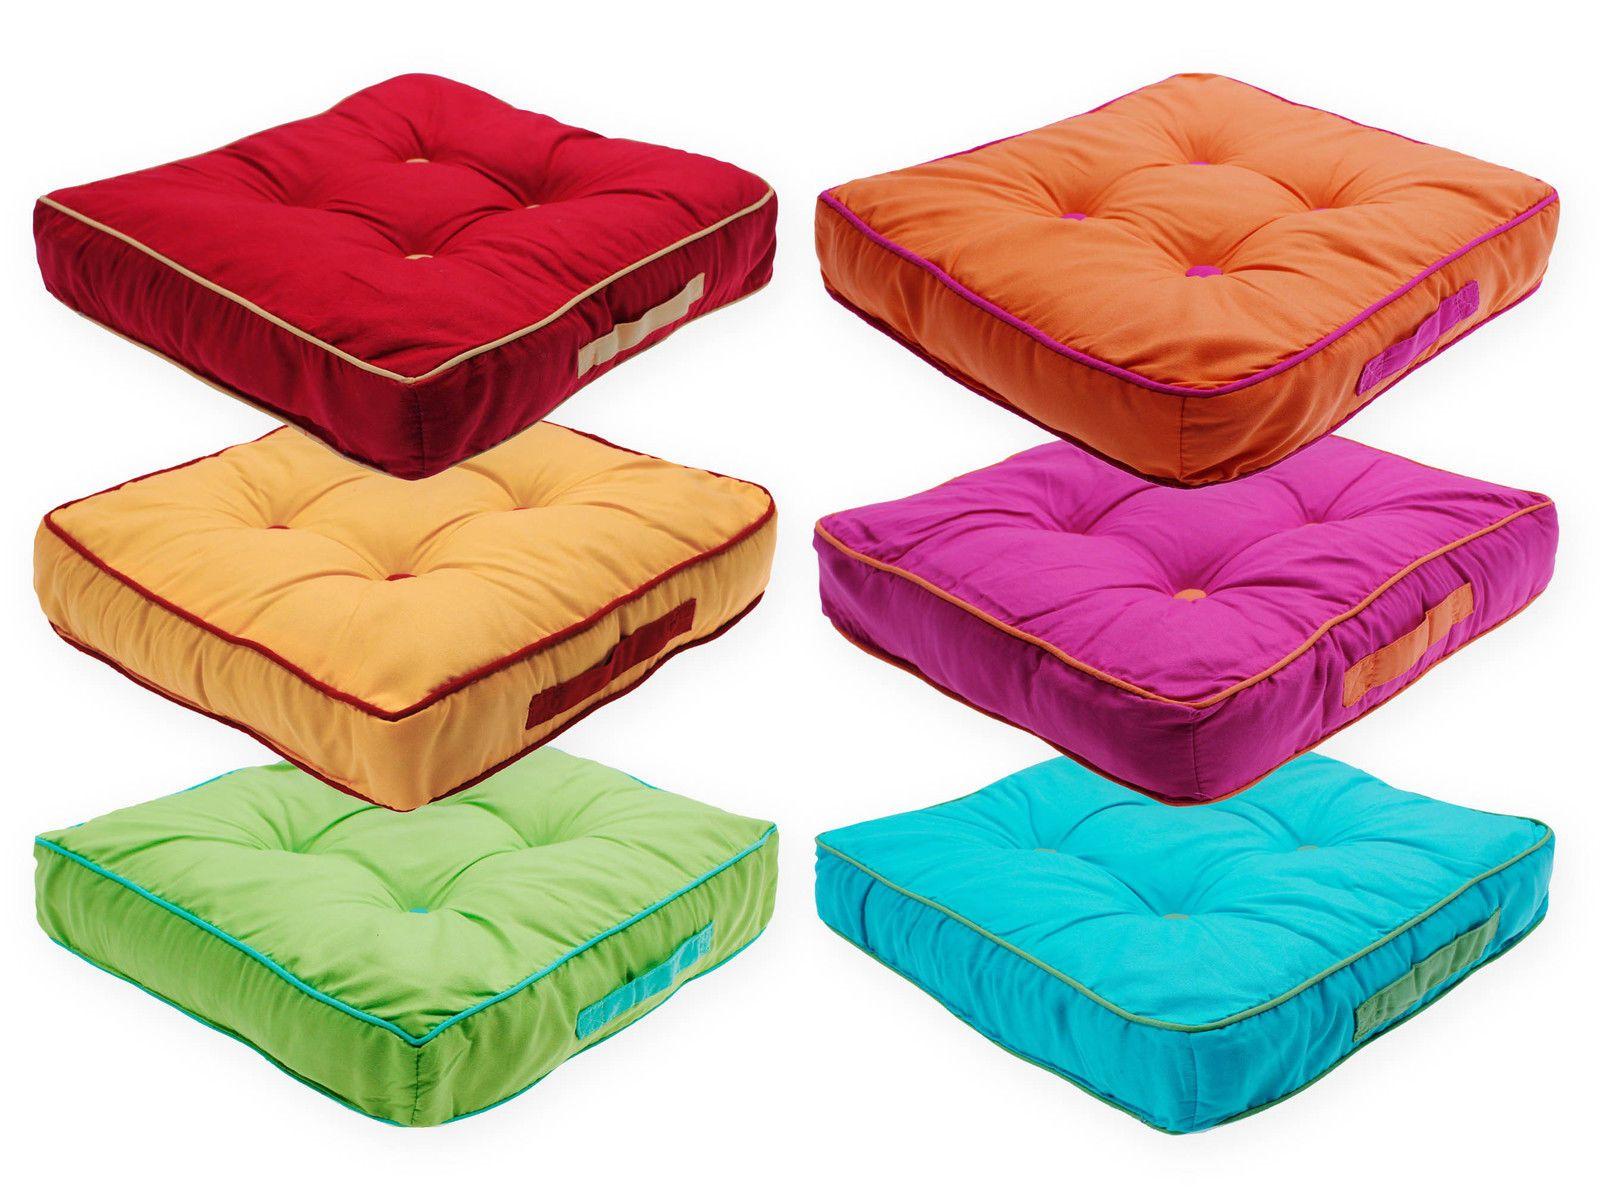 details zu matratzenkissen bi color sitzkissen sommer. Black Bedroom Furniture Sets. Home Design Ideas